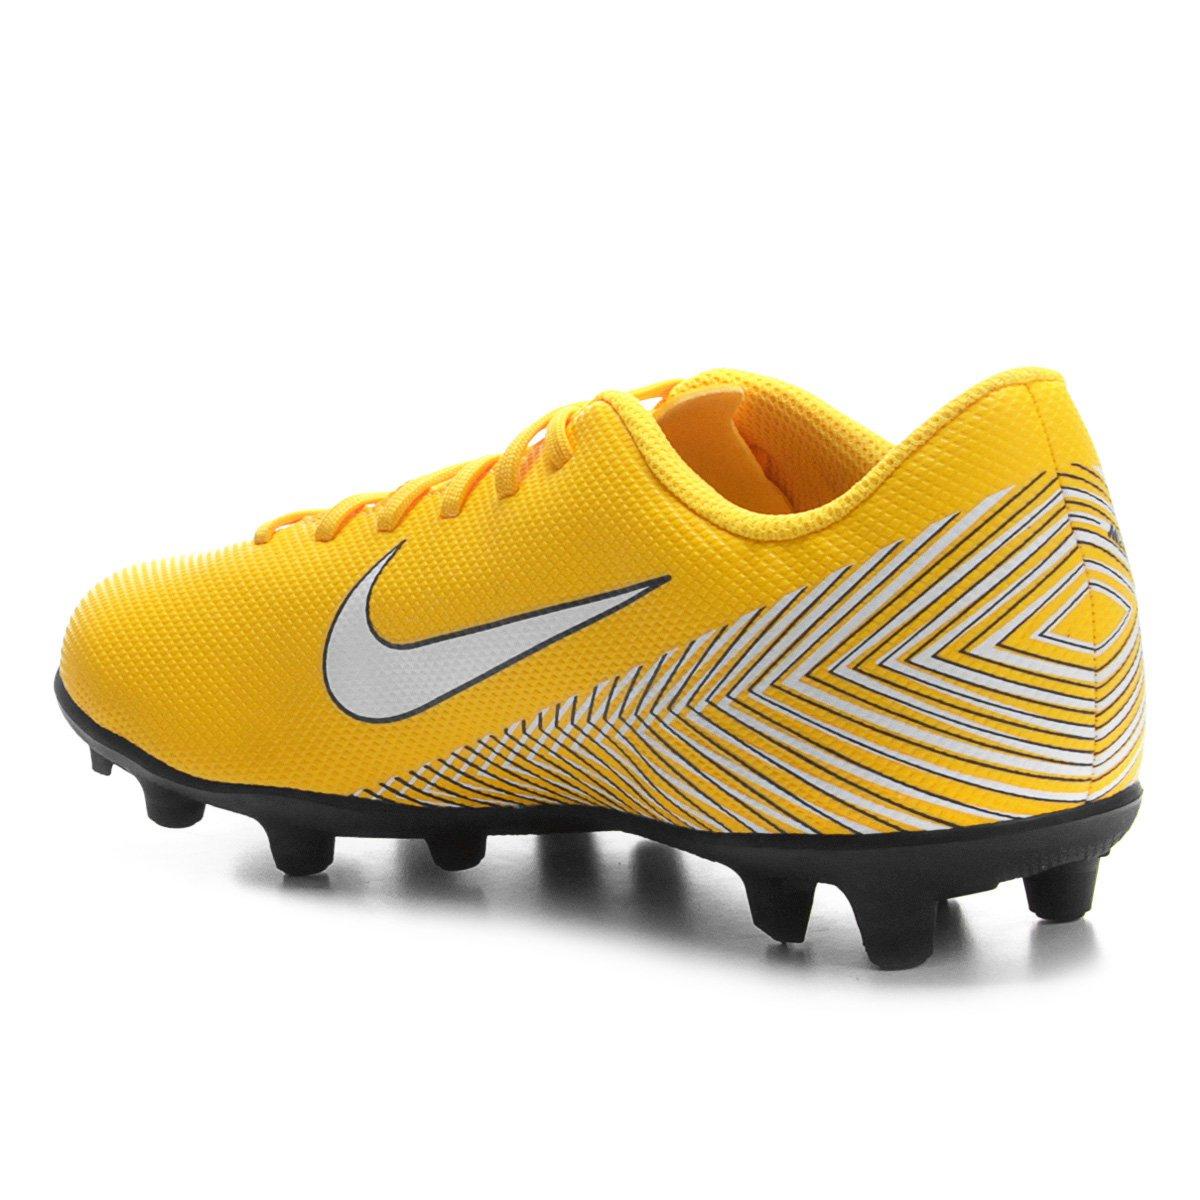 4760d8c2e0 Chuteira Campo Nike Mercurial Vapor 12 Club Neymar FG